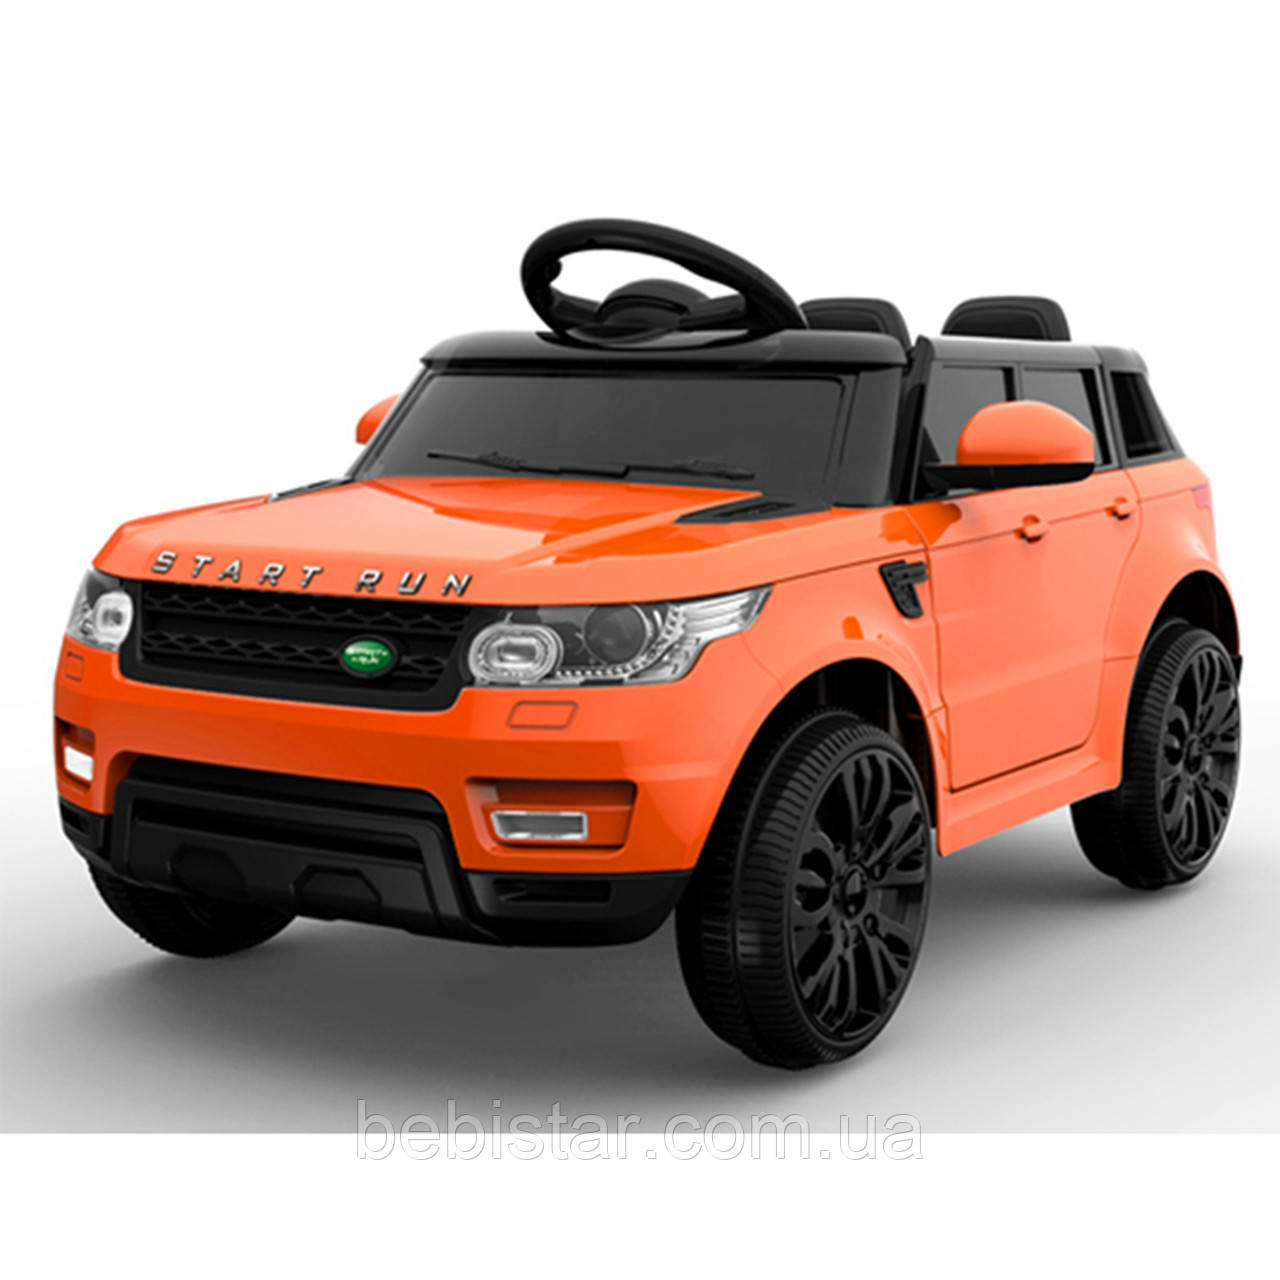 Детский электромобиль оранжевый FL1638 EVA ORANGE деткам 3-8 лет  с пультом мотор 2*25W